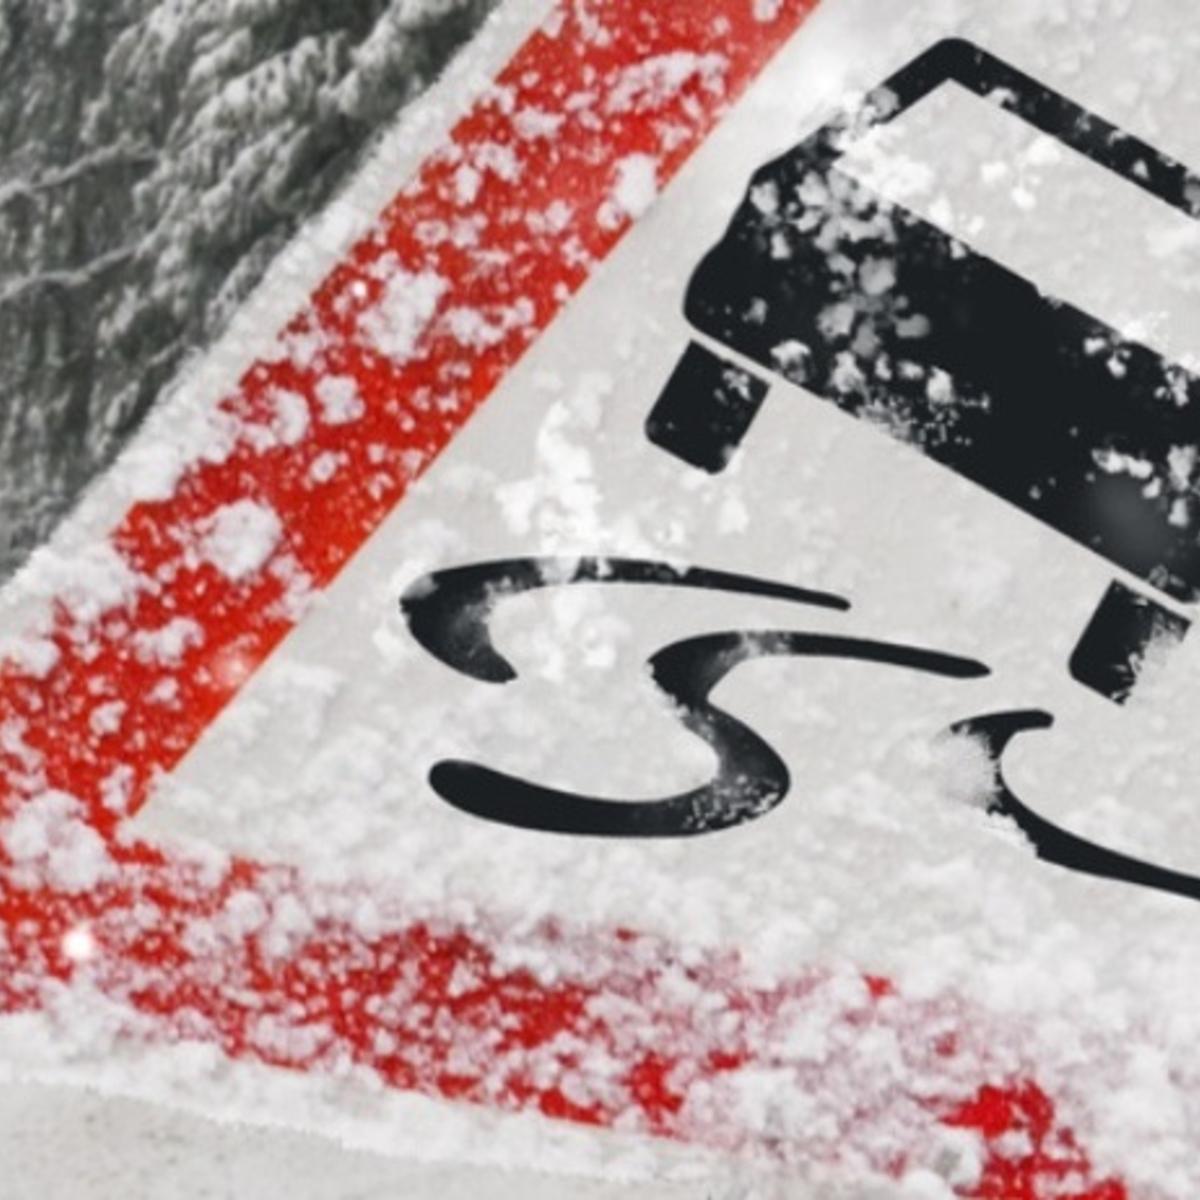 Verschneite Schilder & Markierungen